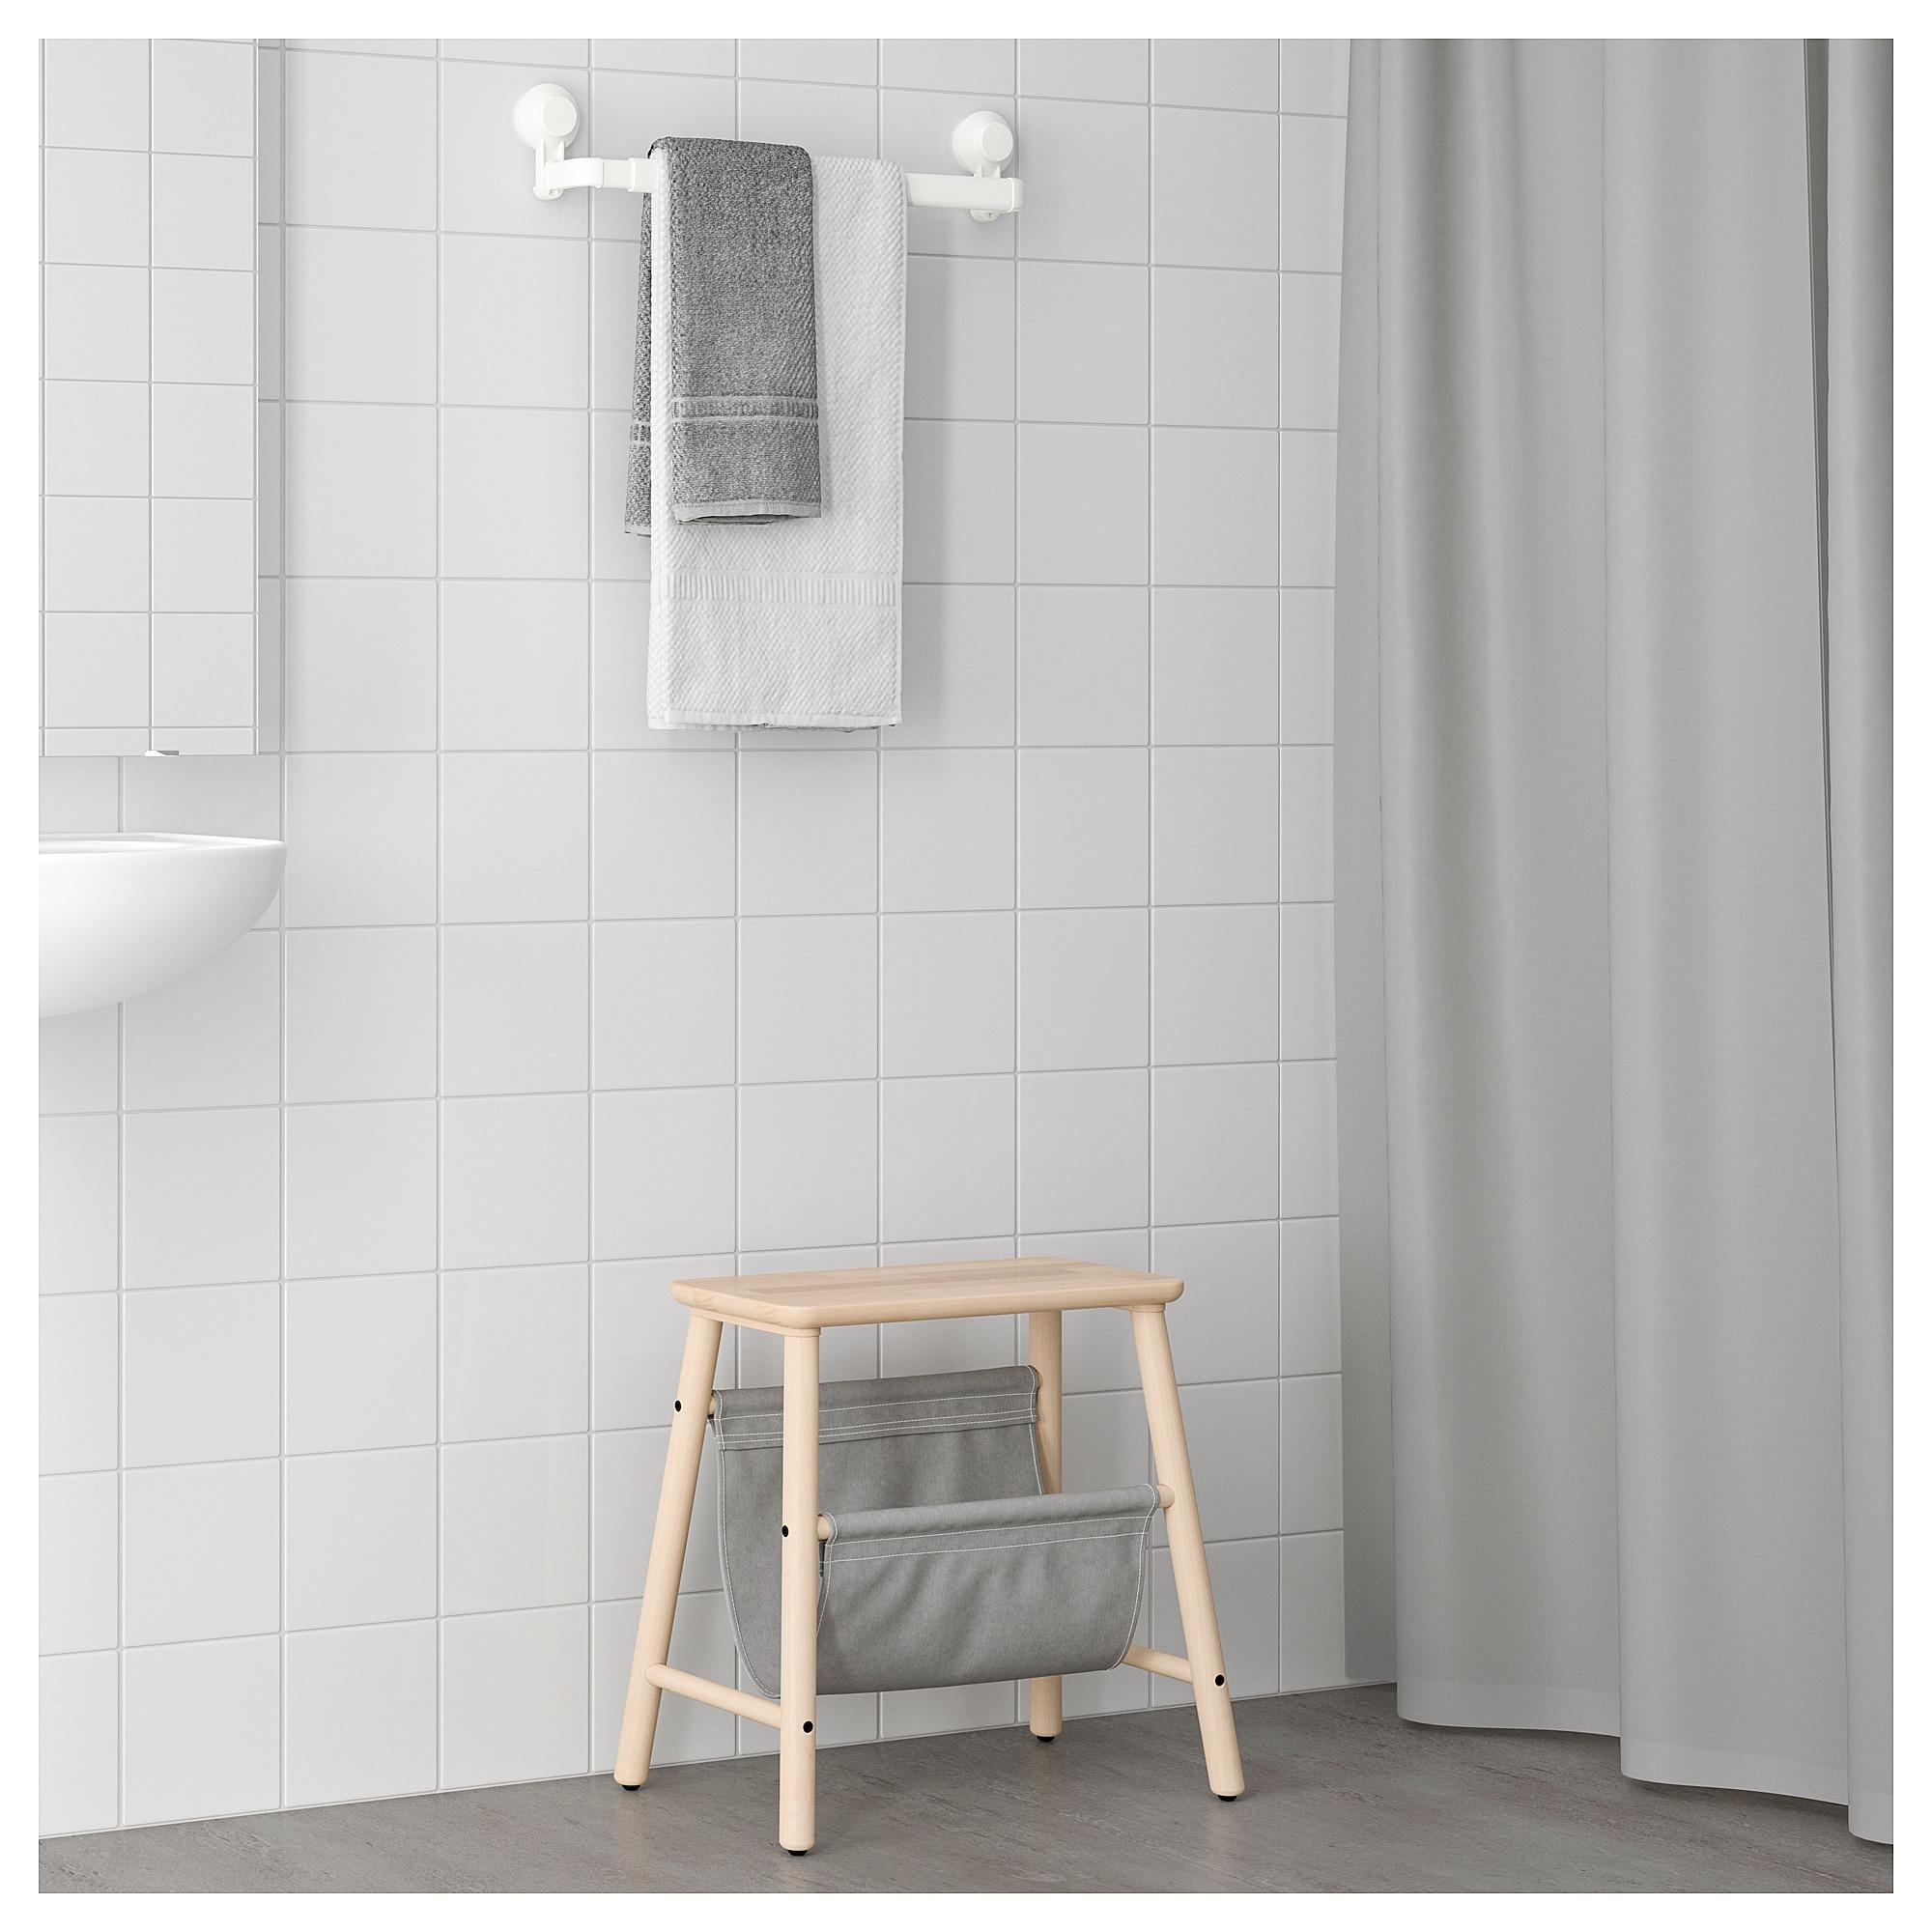 Tisken Handtuchhalter Mit Saugnapf Weiss In 2019 Products